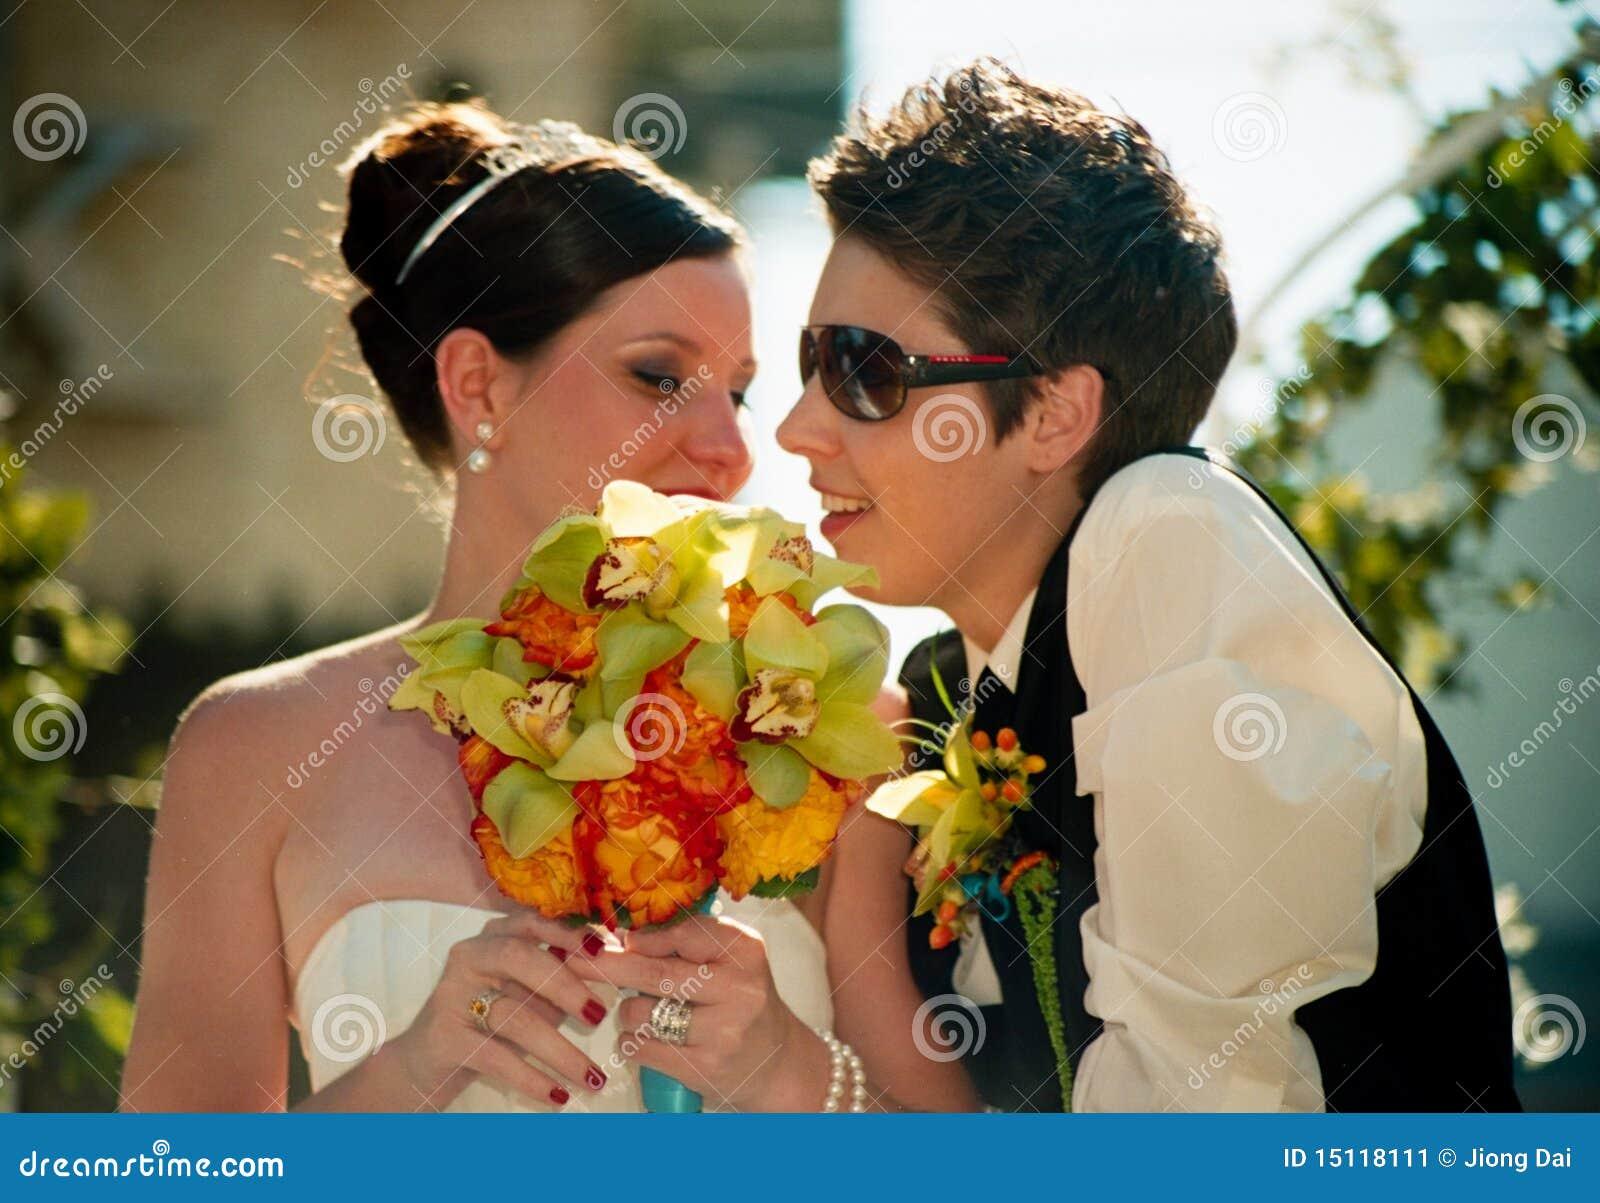 夫妇女同性恋的婚姻游行彩虹多伦多